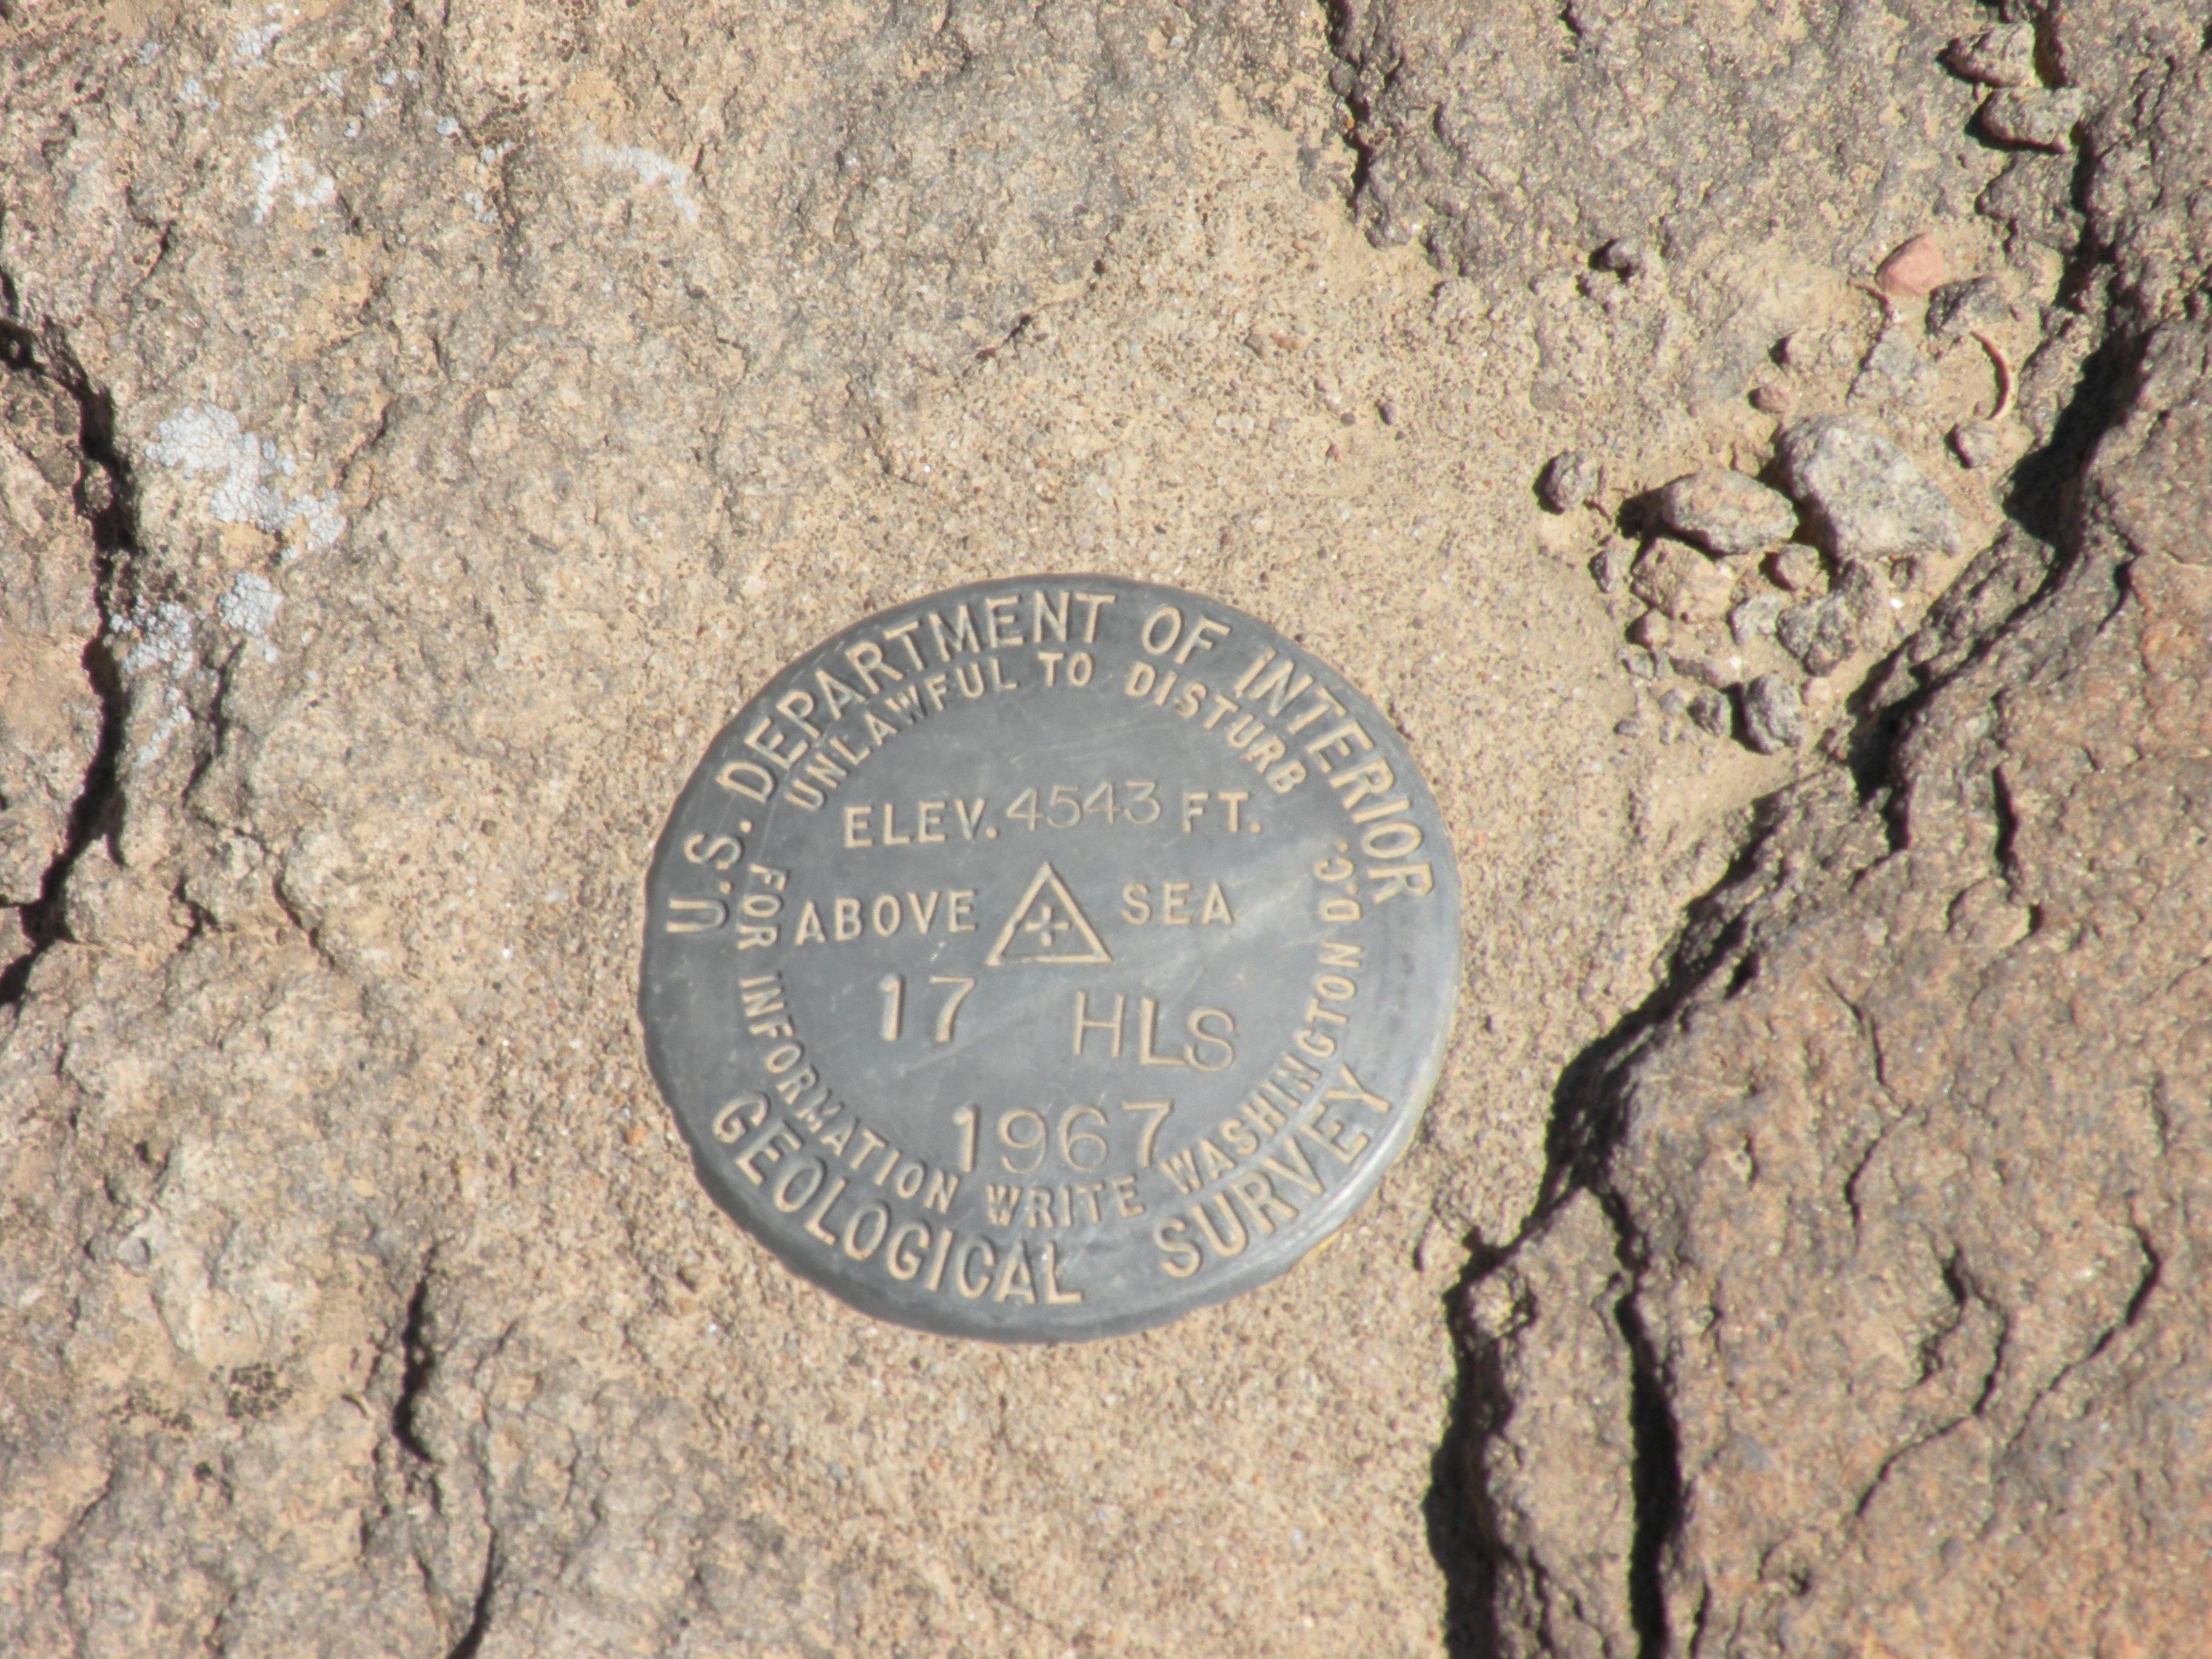 File:Plaque géographique de la zone 51.JPG - Wikimedia Commons